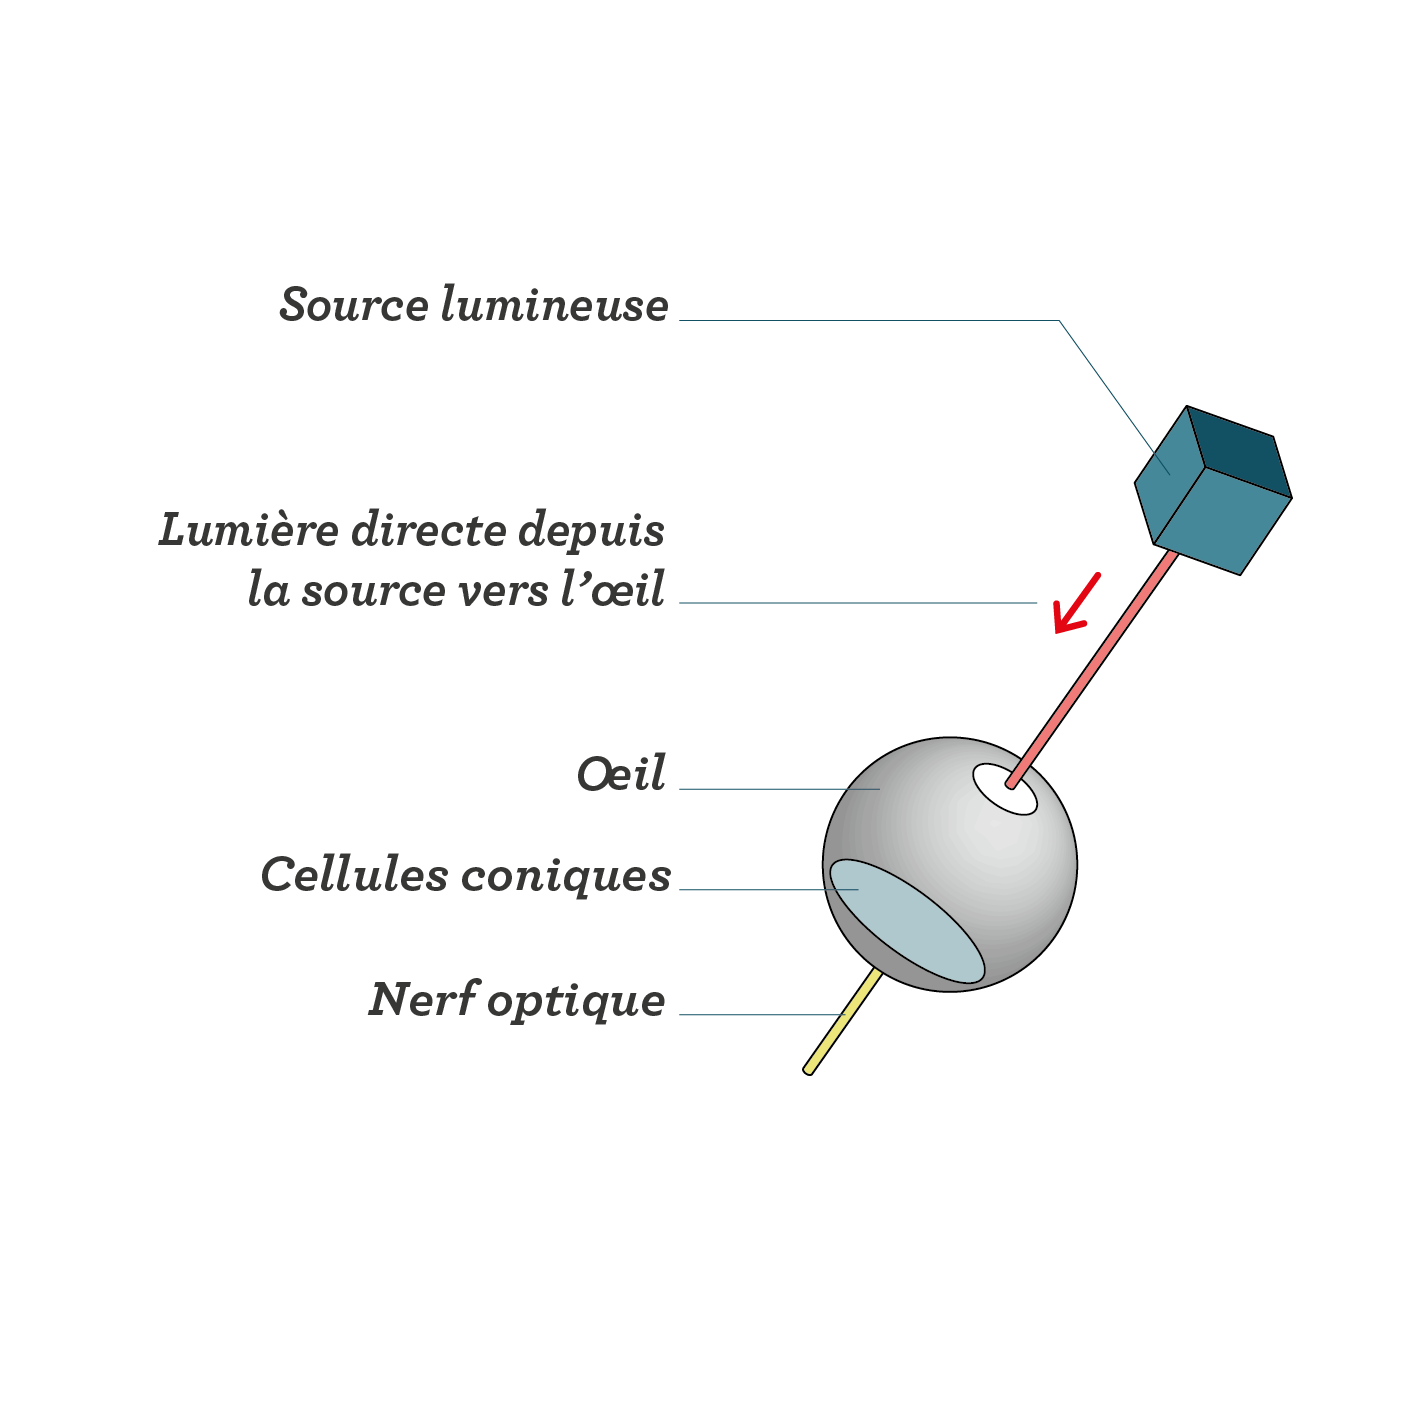 Trajet de la lumière entrant dans l'œil sans obstacle sciences première